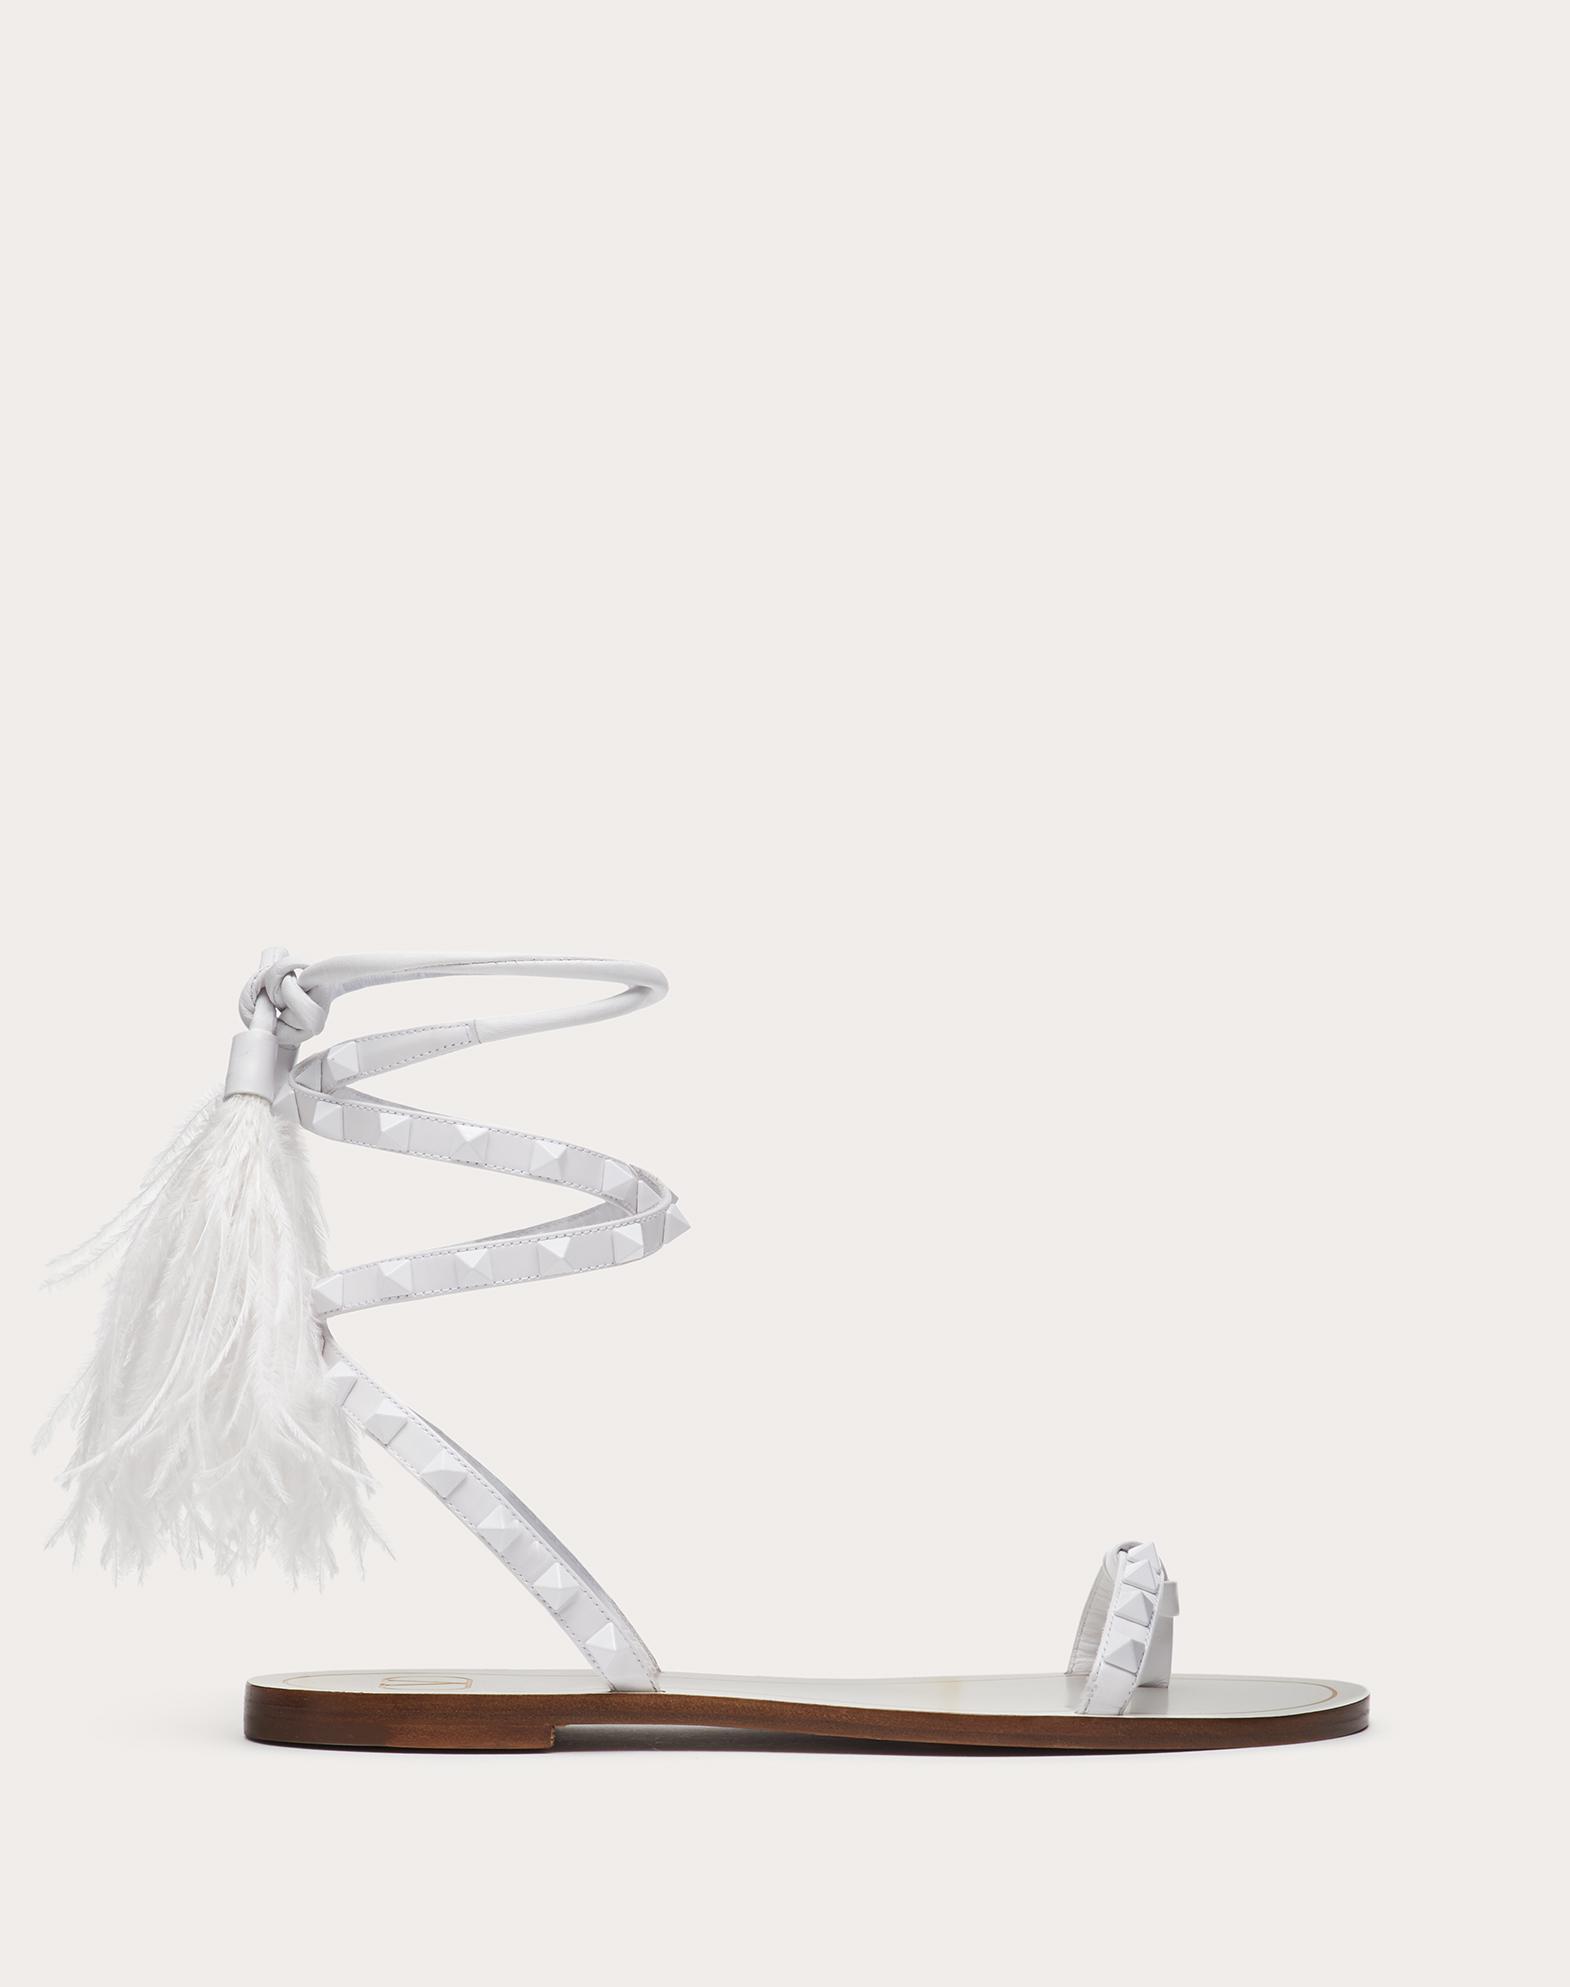 Rockstud Flair calfskin flat flip-flop sandal